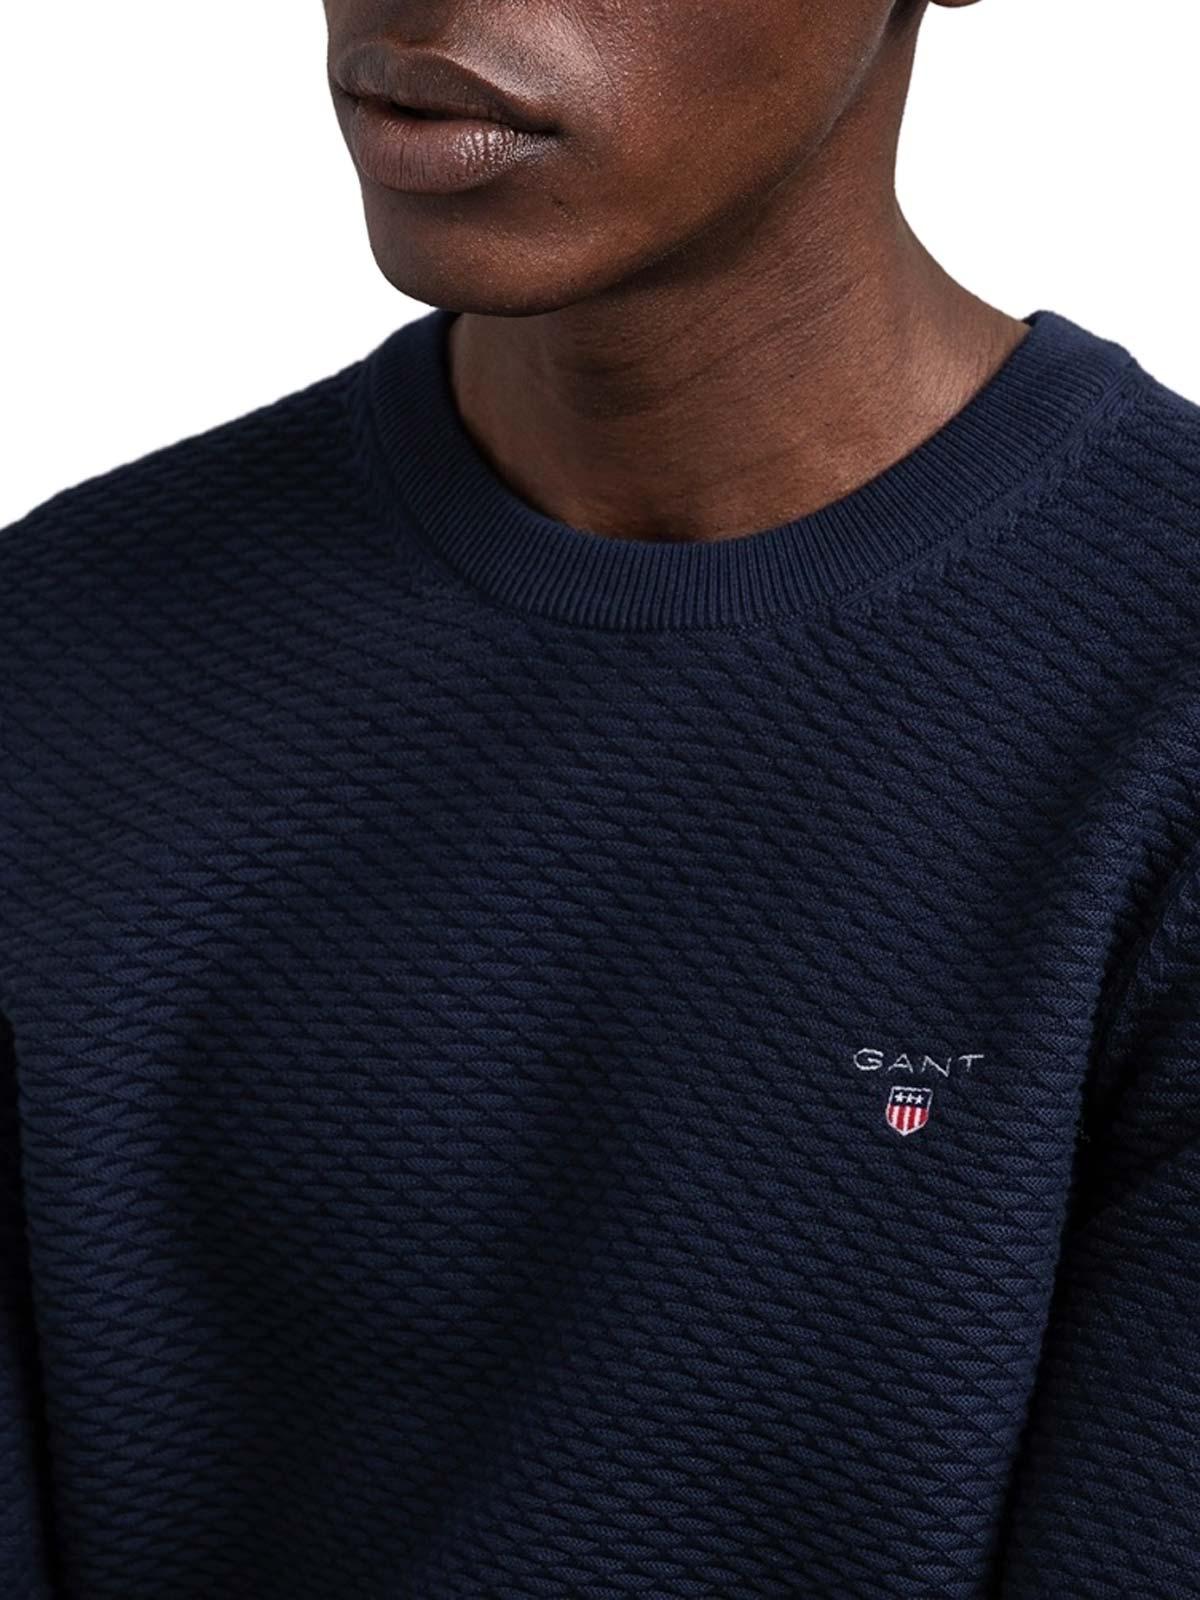 Immagine di Gant | Jersey Triangle Texture Crew